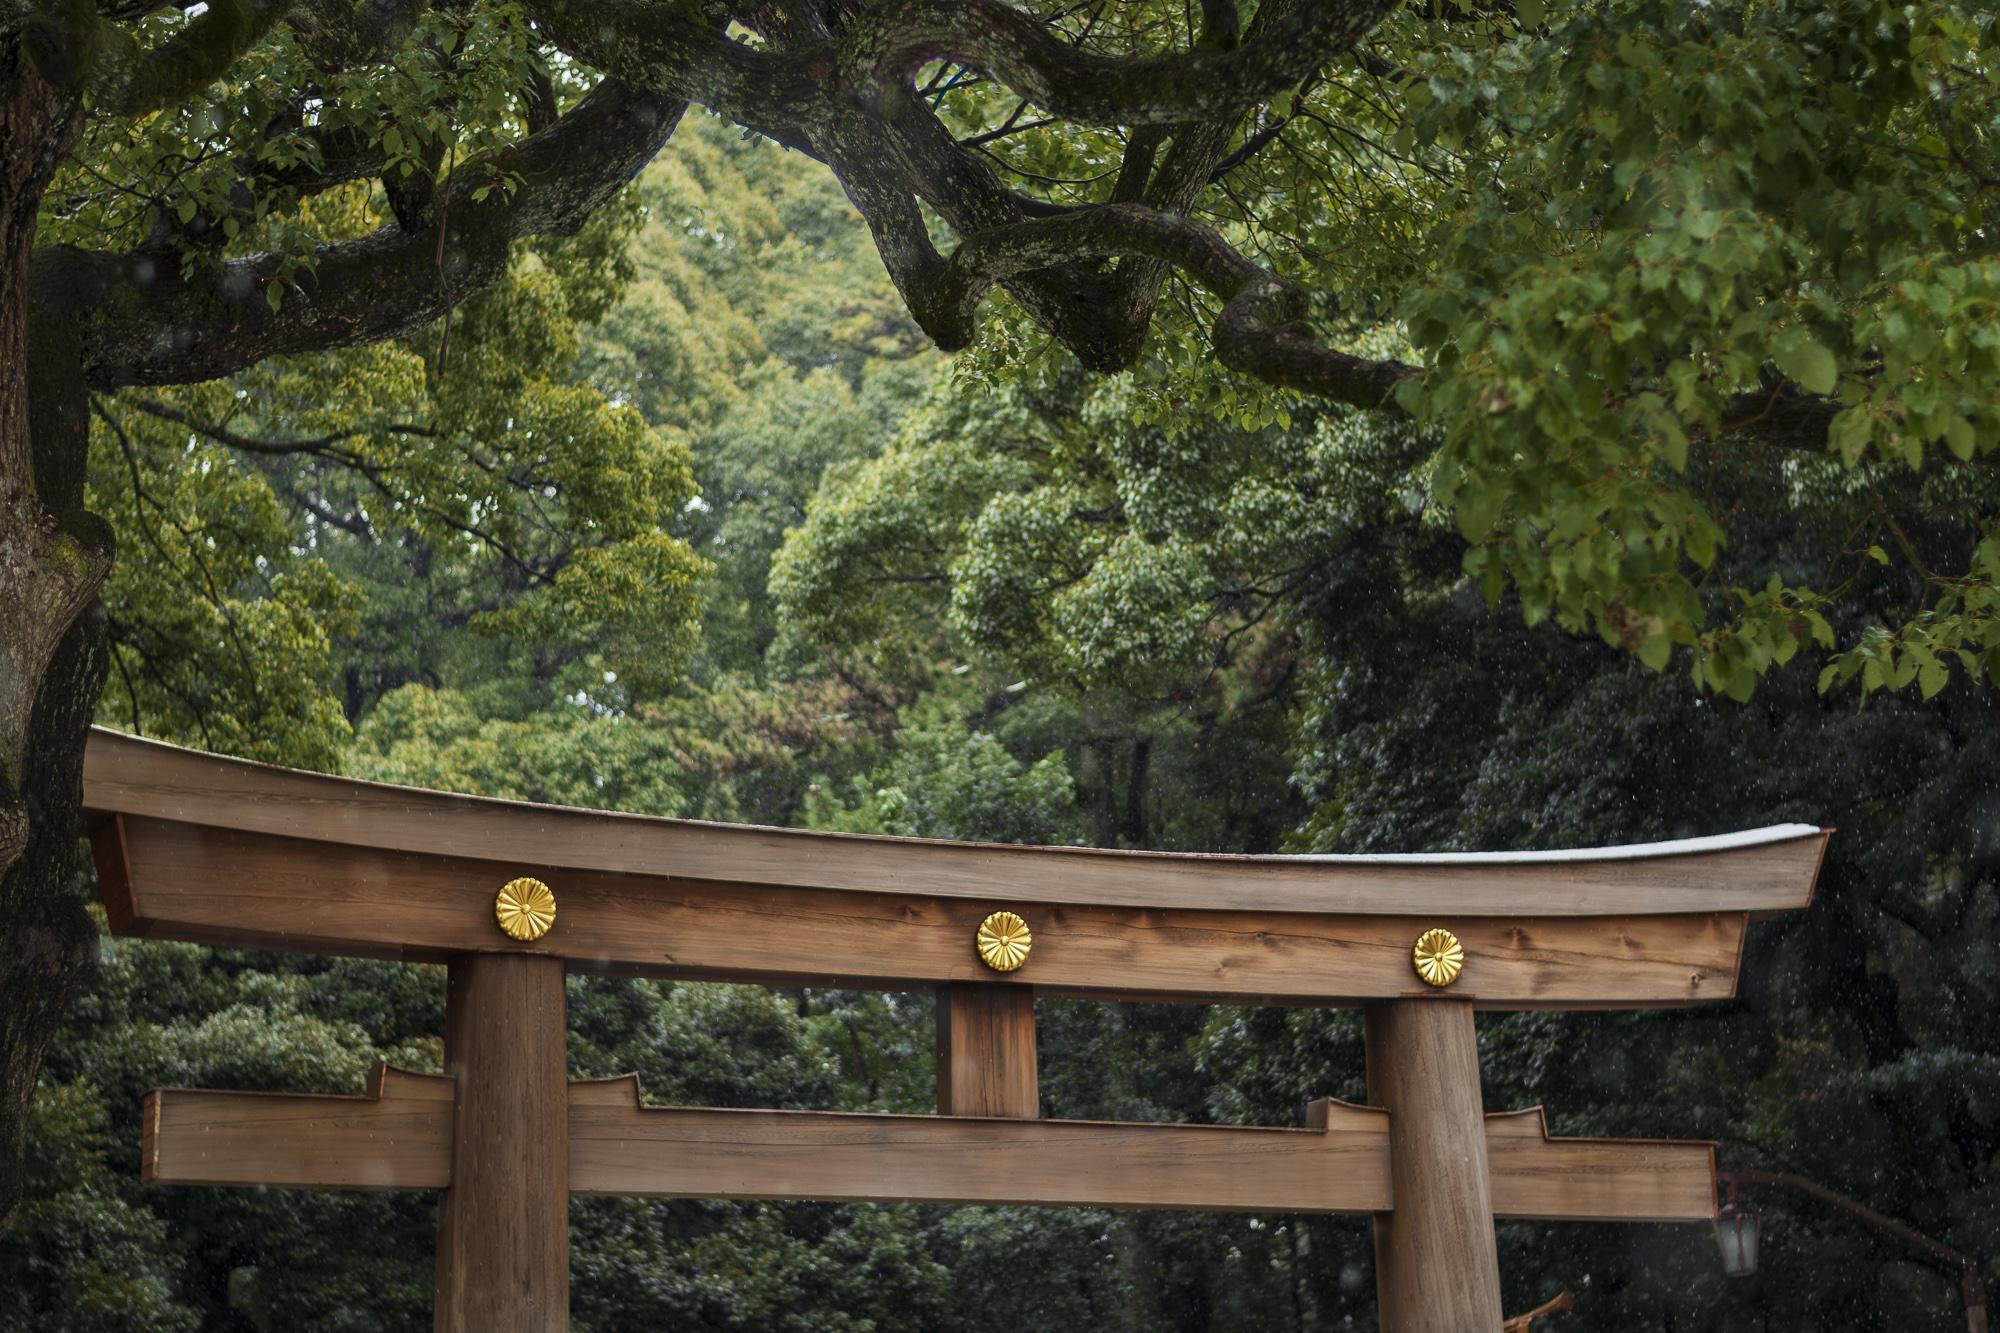 Meiji Shrine  PHOTOGRAPHY: ALEXANDER J.E. BRADLEY • NIKON D500 • AF-S Nikkor 50mm ƒ/1.8G @ Ƒ/8 • 1/200 • ISO 100